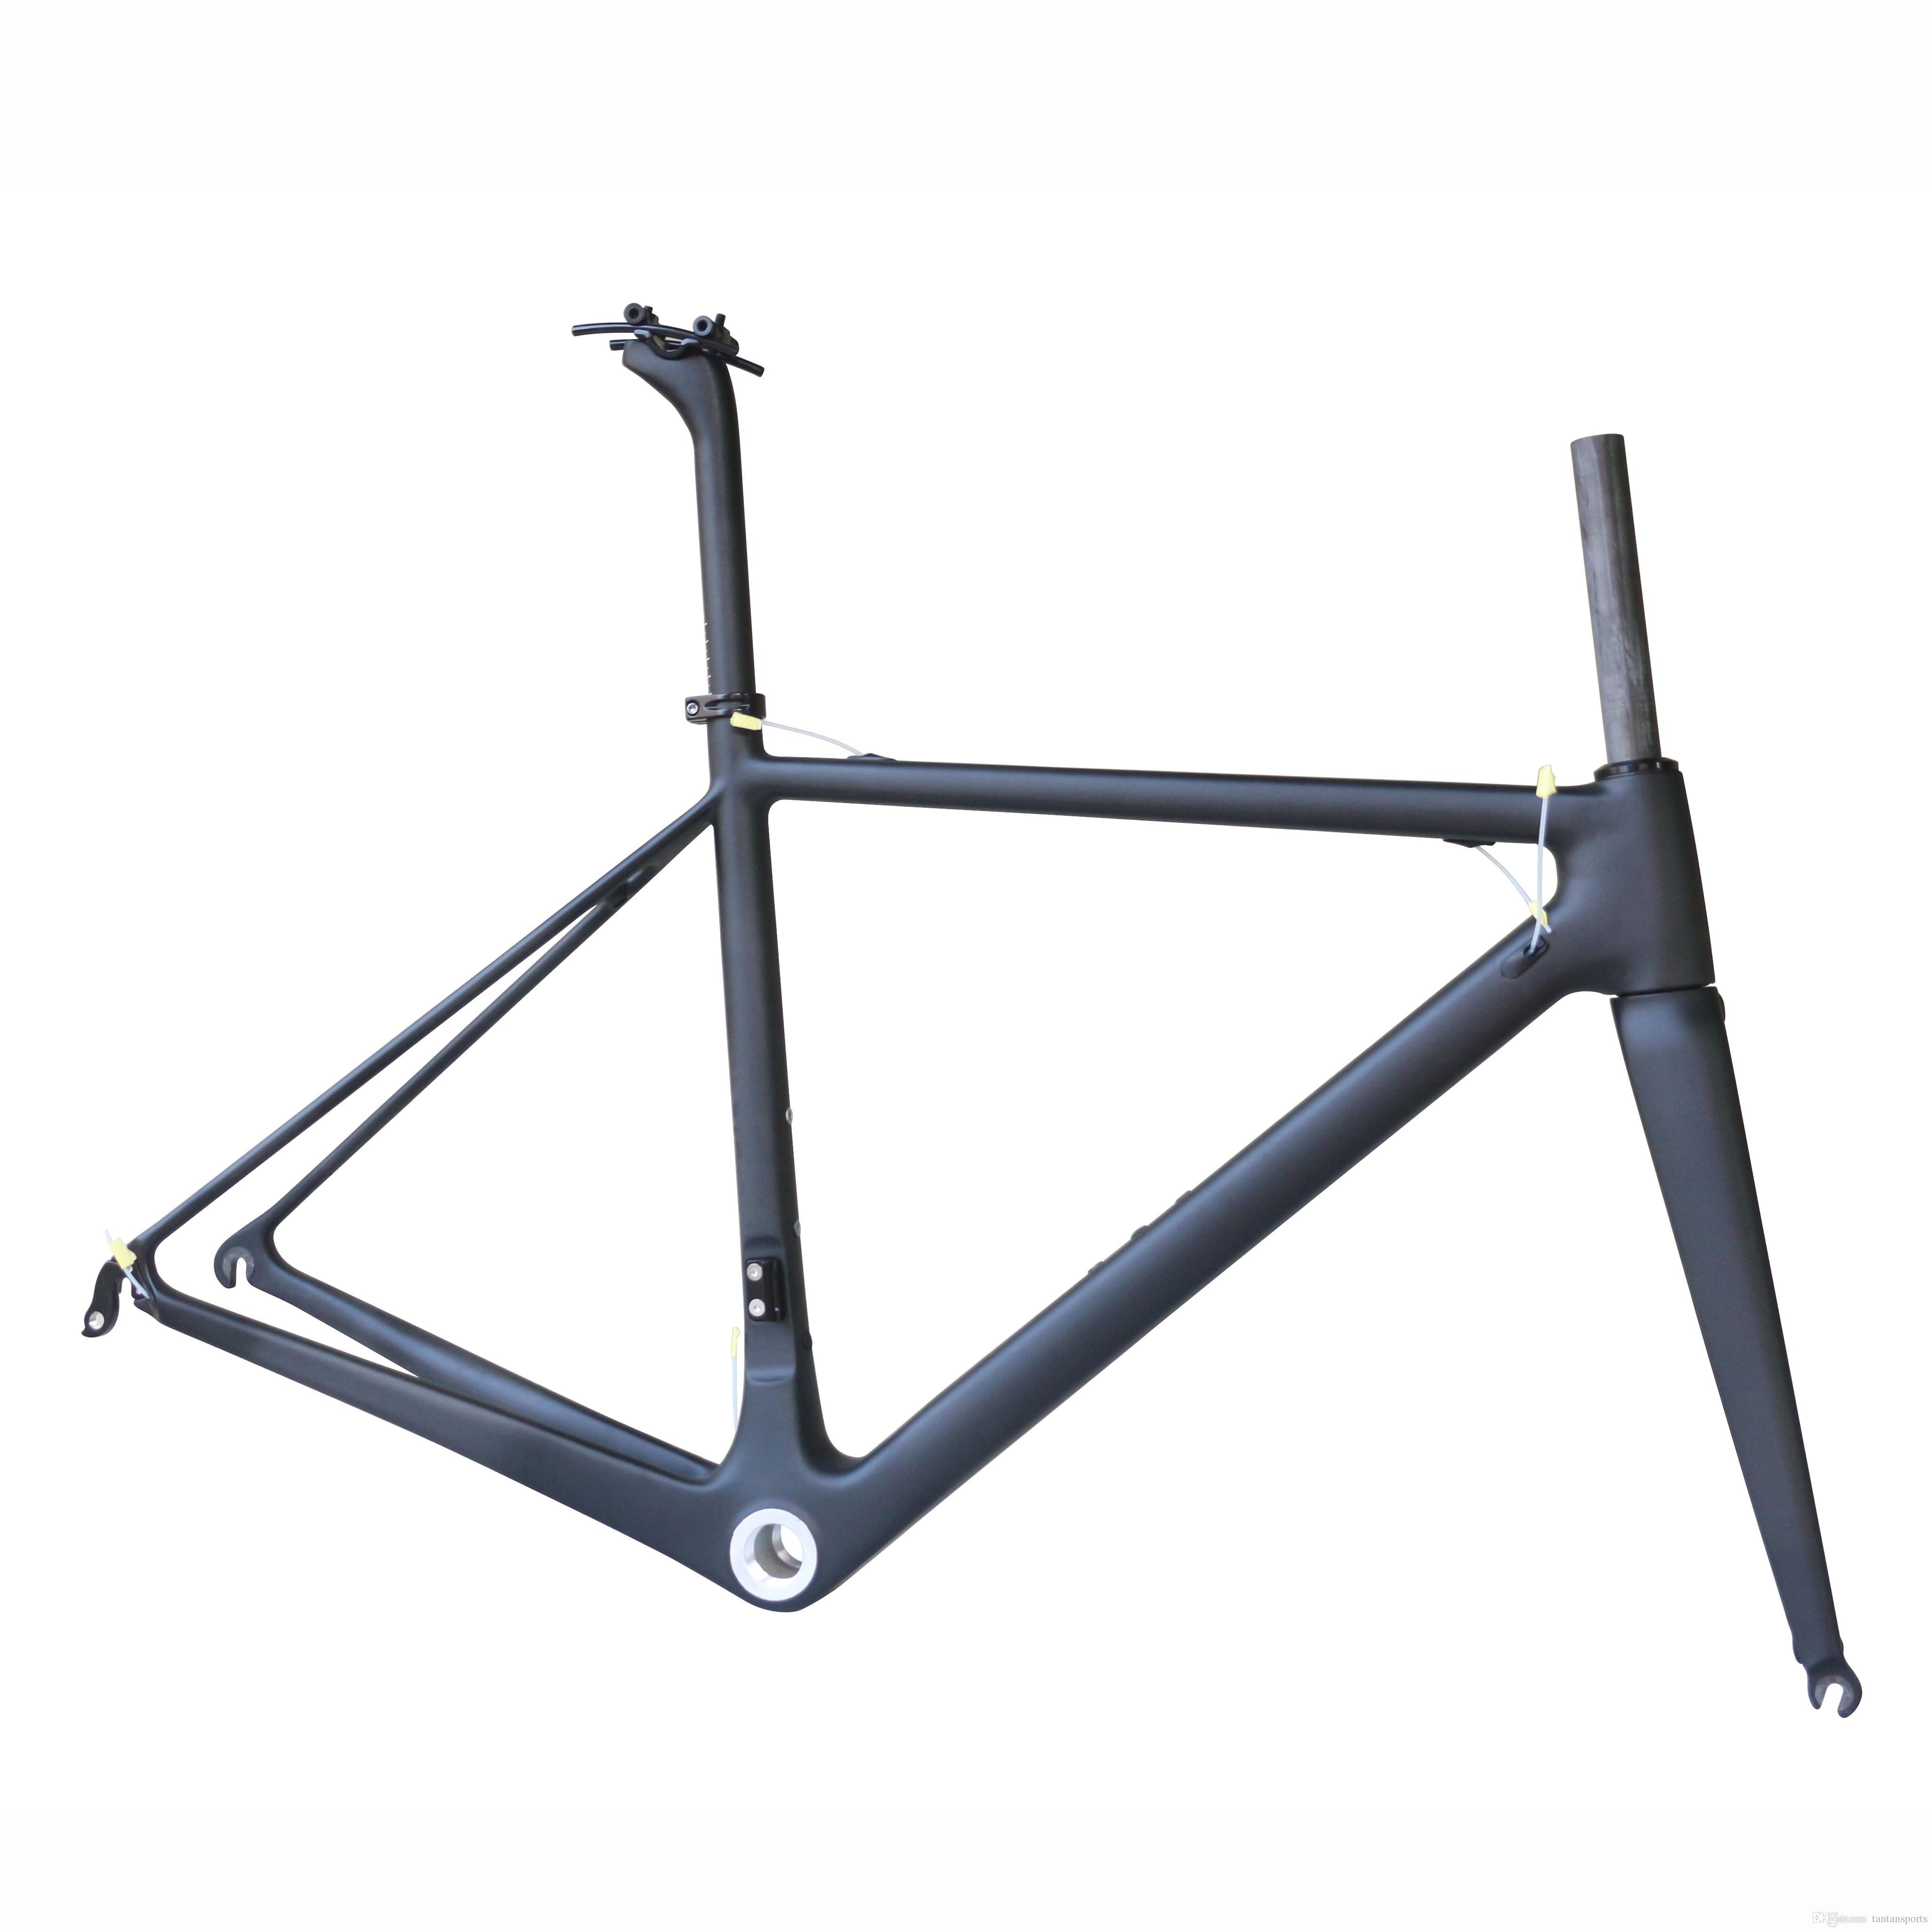 Cadre de vélo T1000 T1000 Carbon Road, cadre de vélo de route de carbone, vélo de route en fibre de carbone